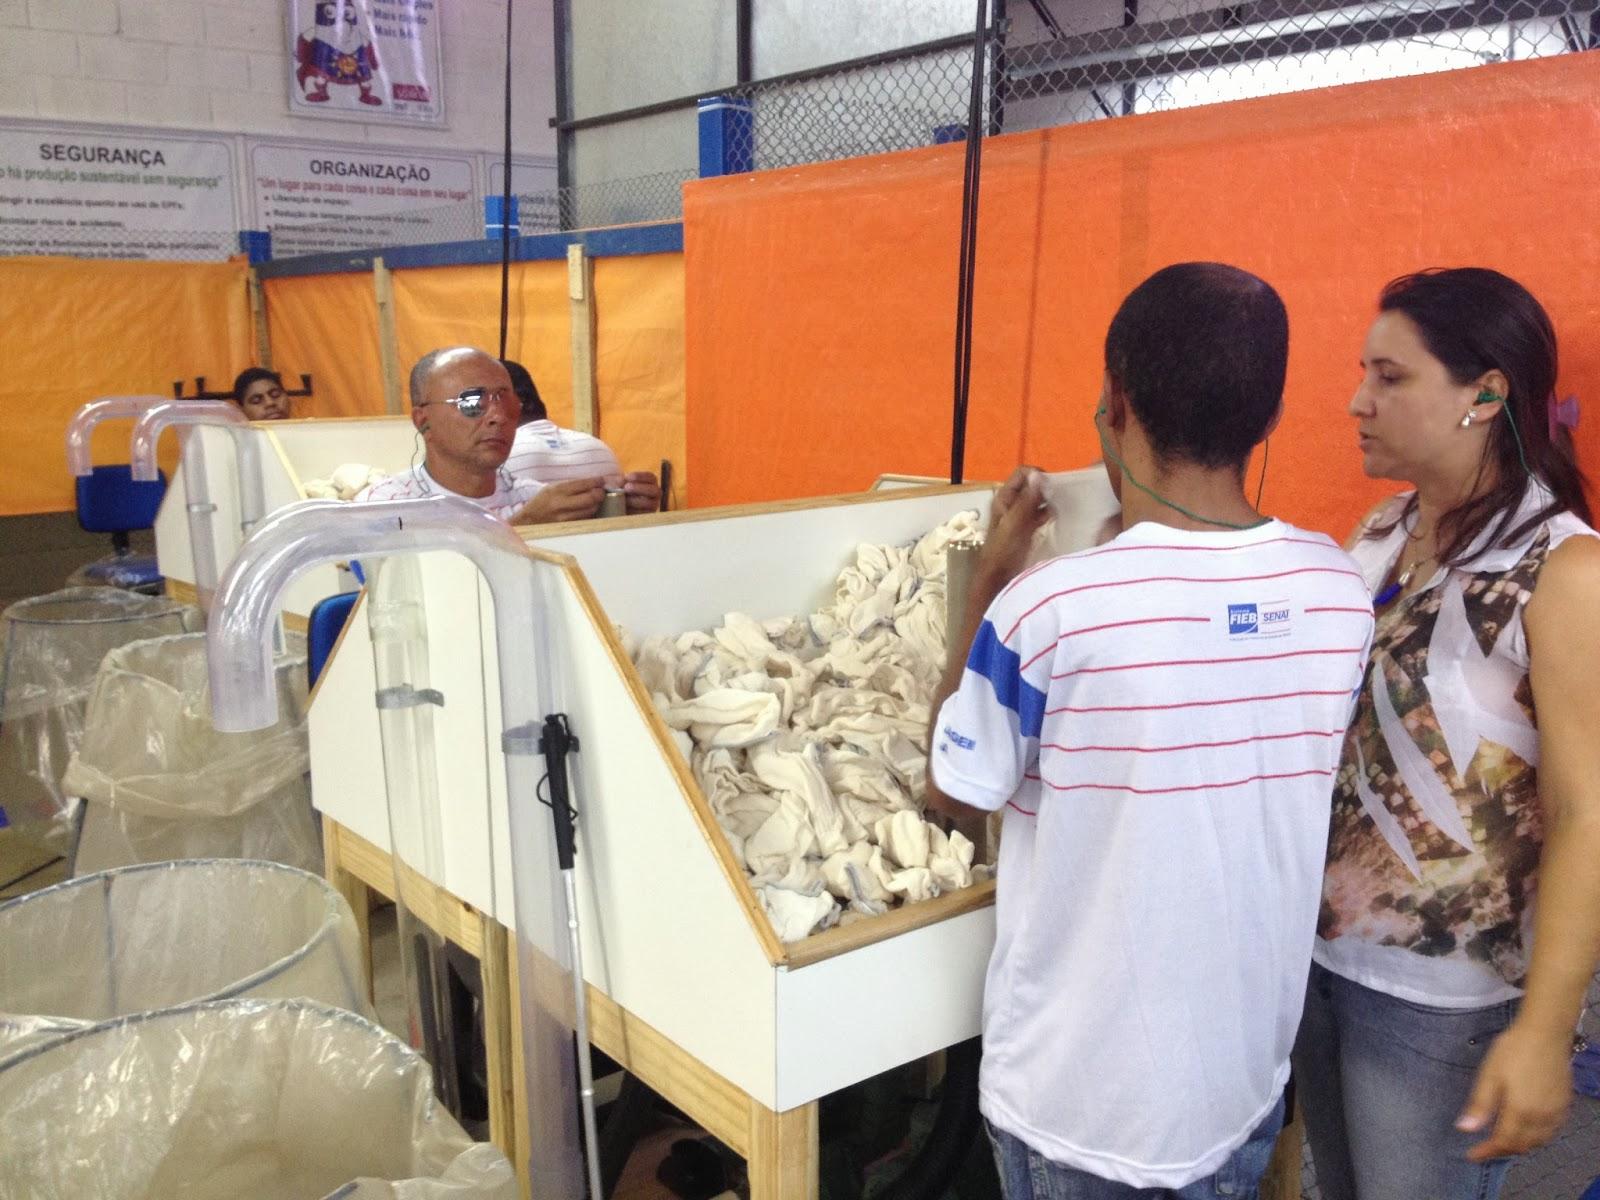 Expressaounica: Fábrica da Trifil e SCALA no sul da Bahia se adapta  #B04F1B 1600 1200